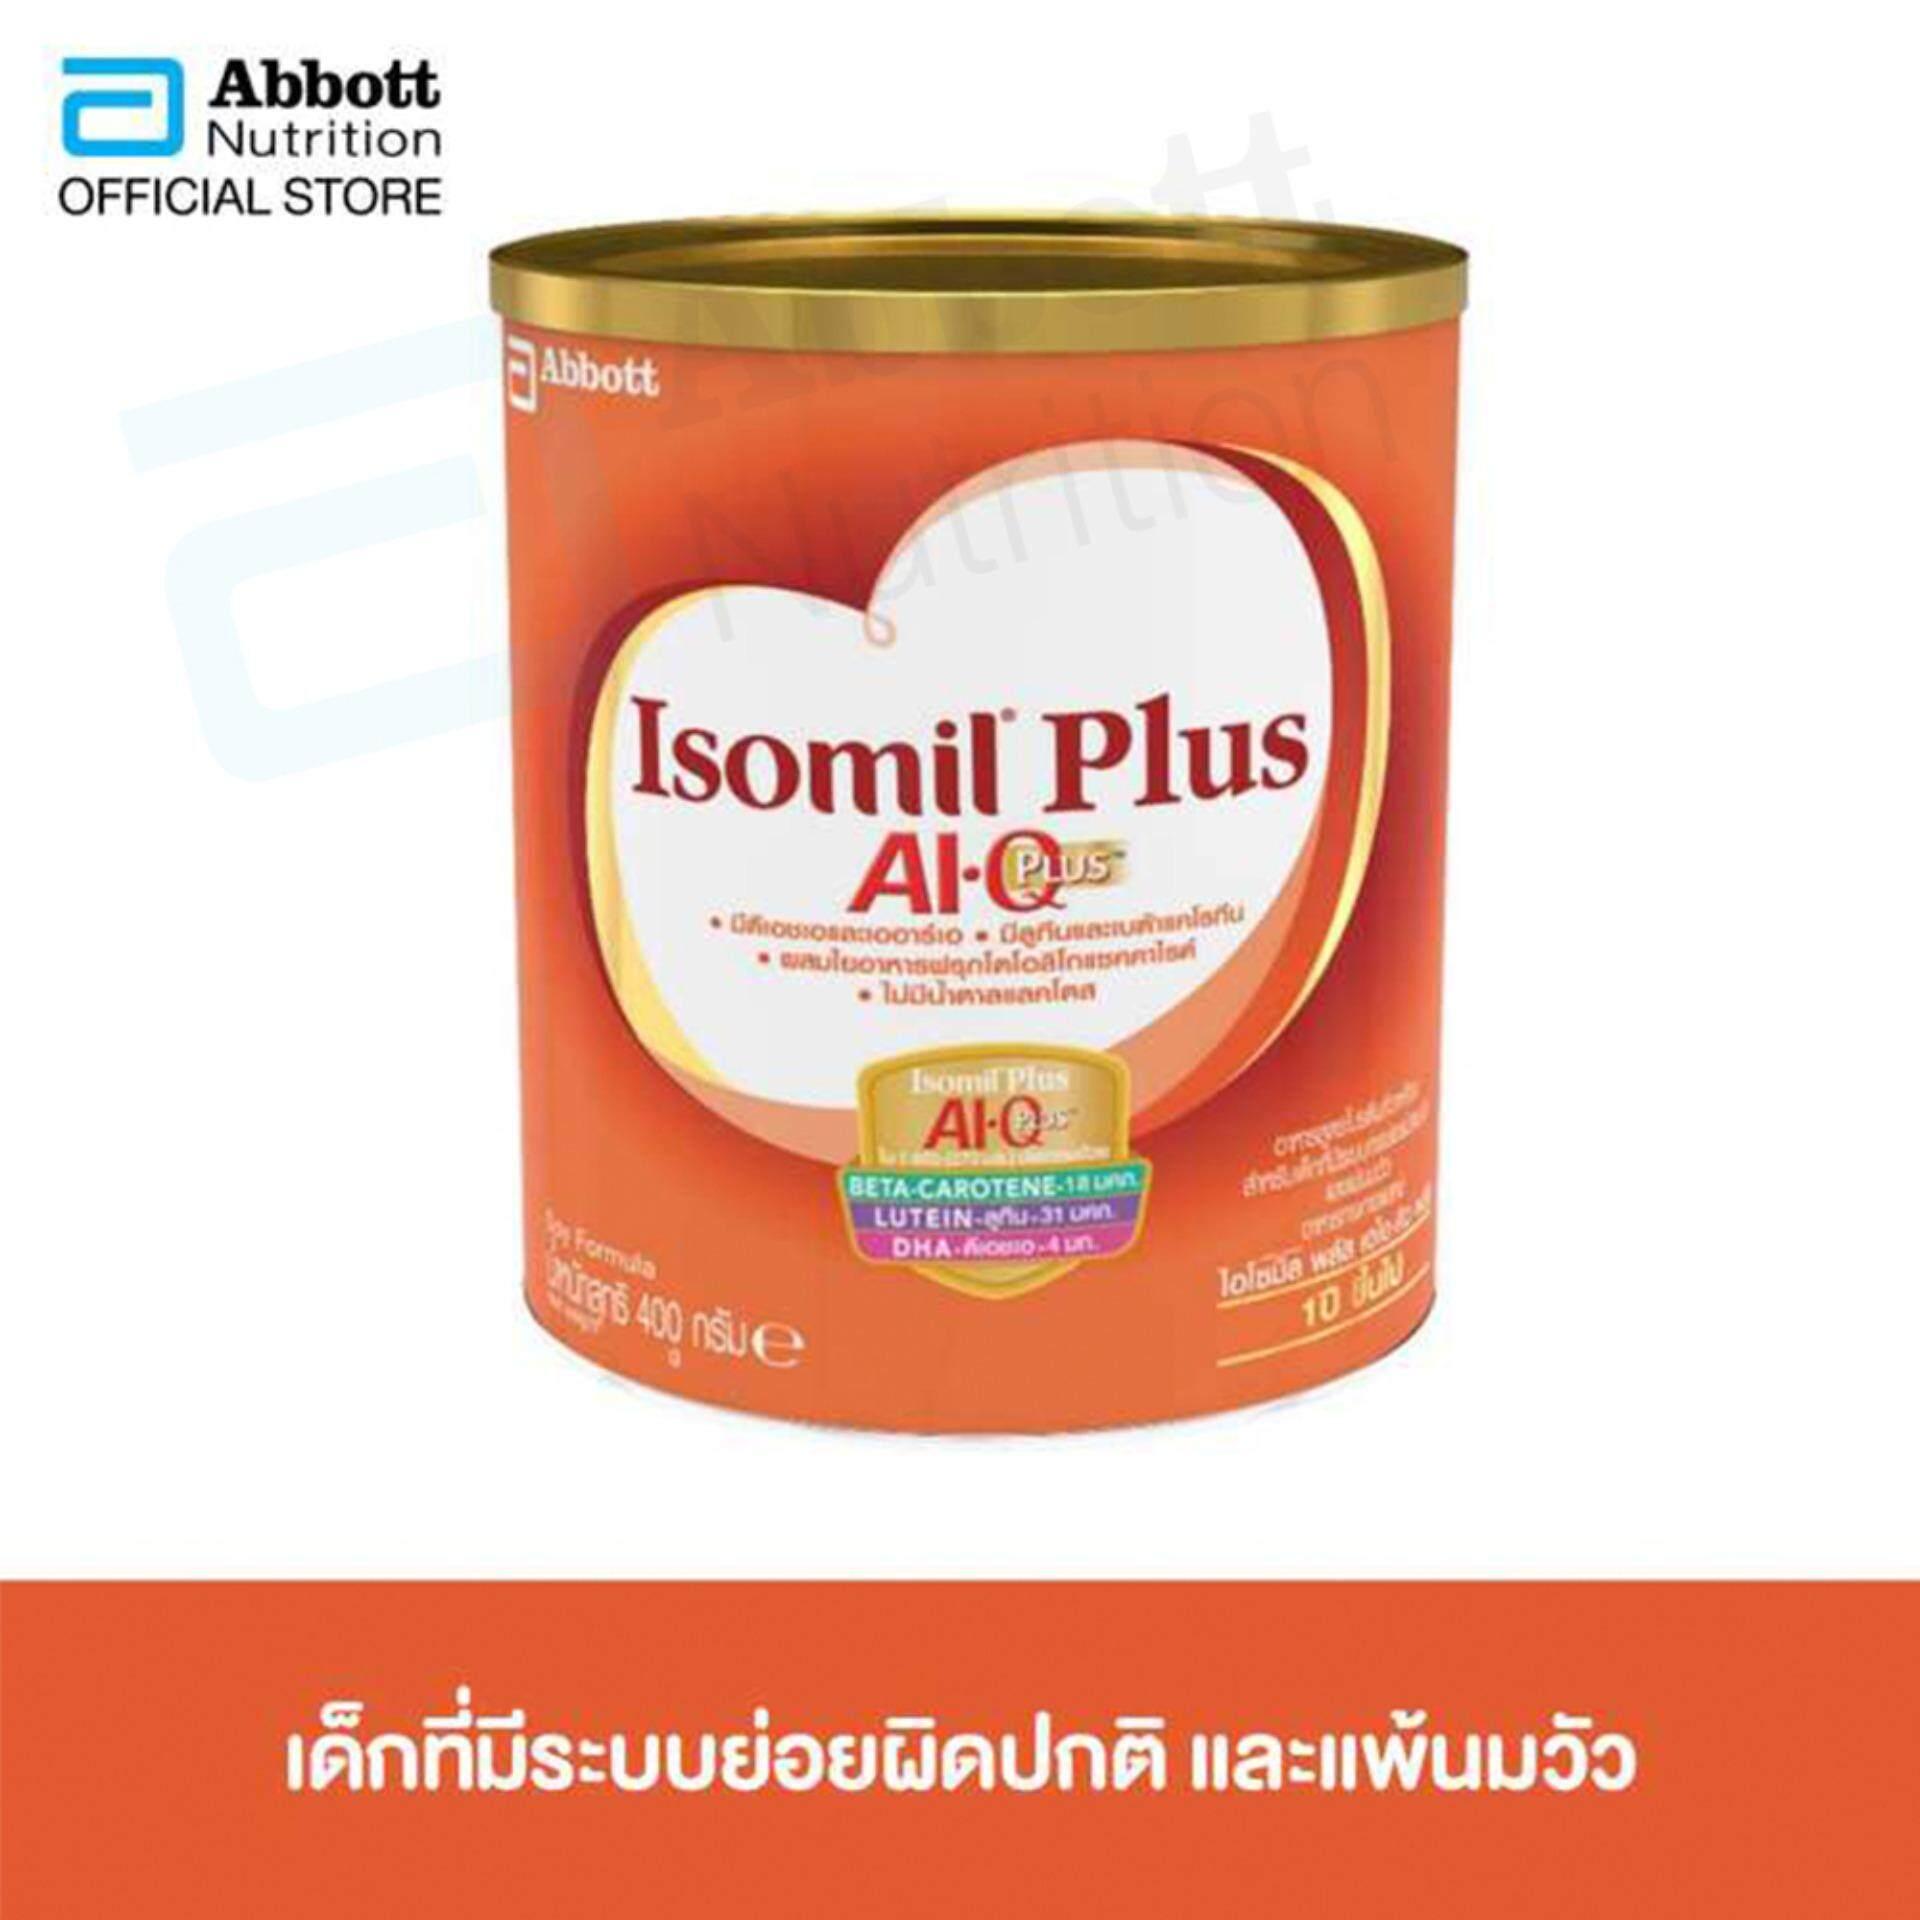 รีวิว [ส่งฟรี] Isomil Plus AI Q Plus 400g ไอโซมิล พลัส เอไอ คิว พลัส 400 กรัม 1 กระป๋อง นมผงสูตรพิเศษ Special Milk Powder